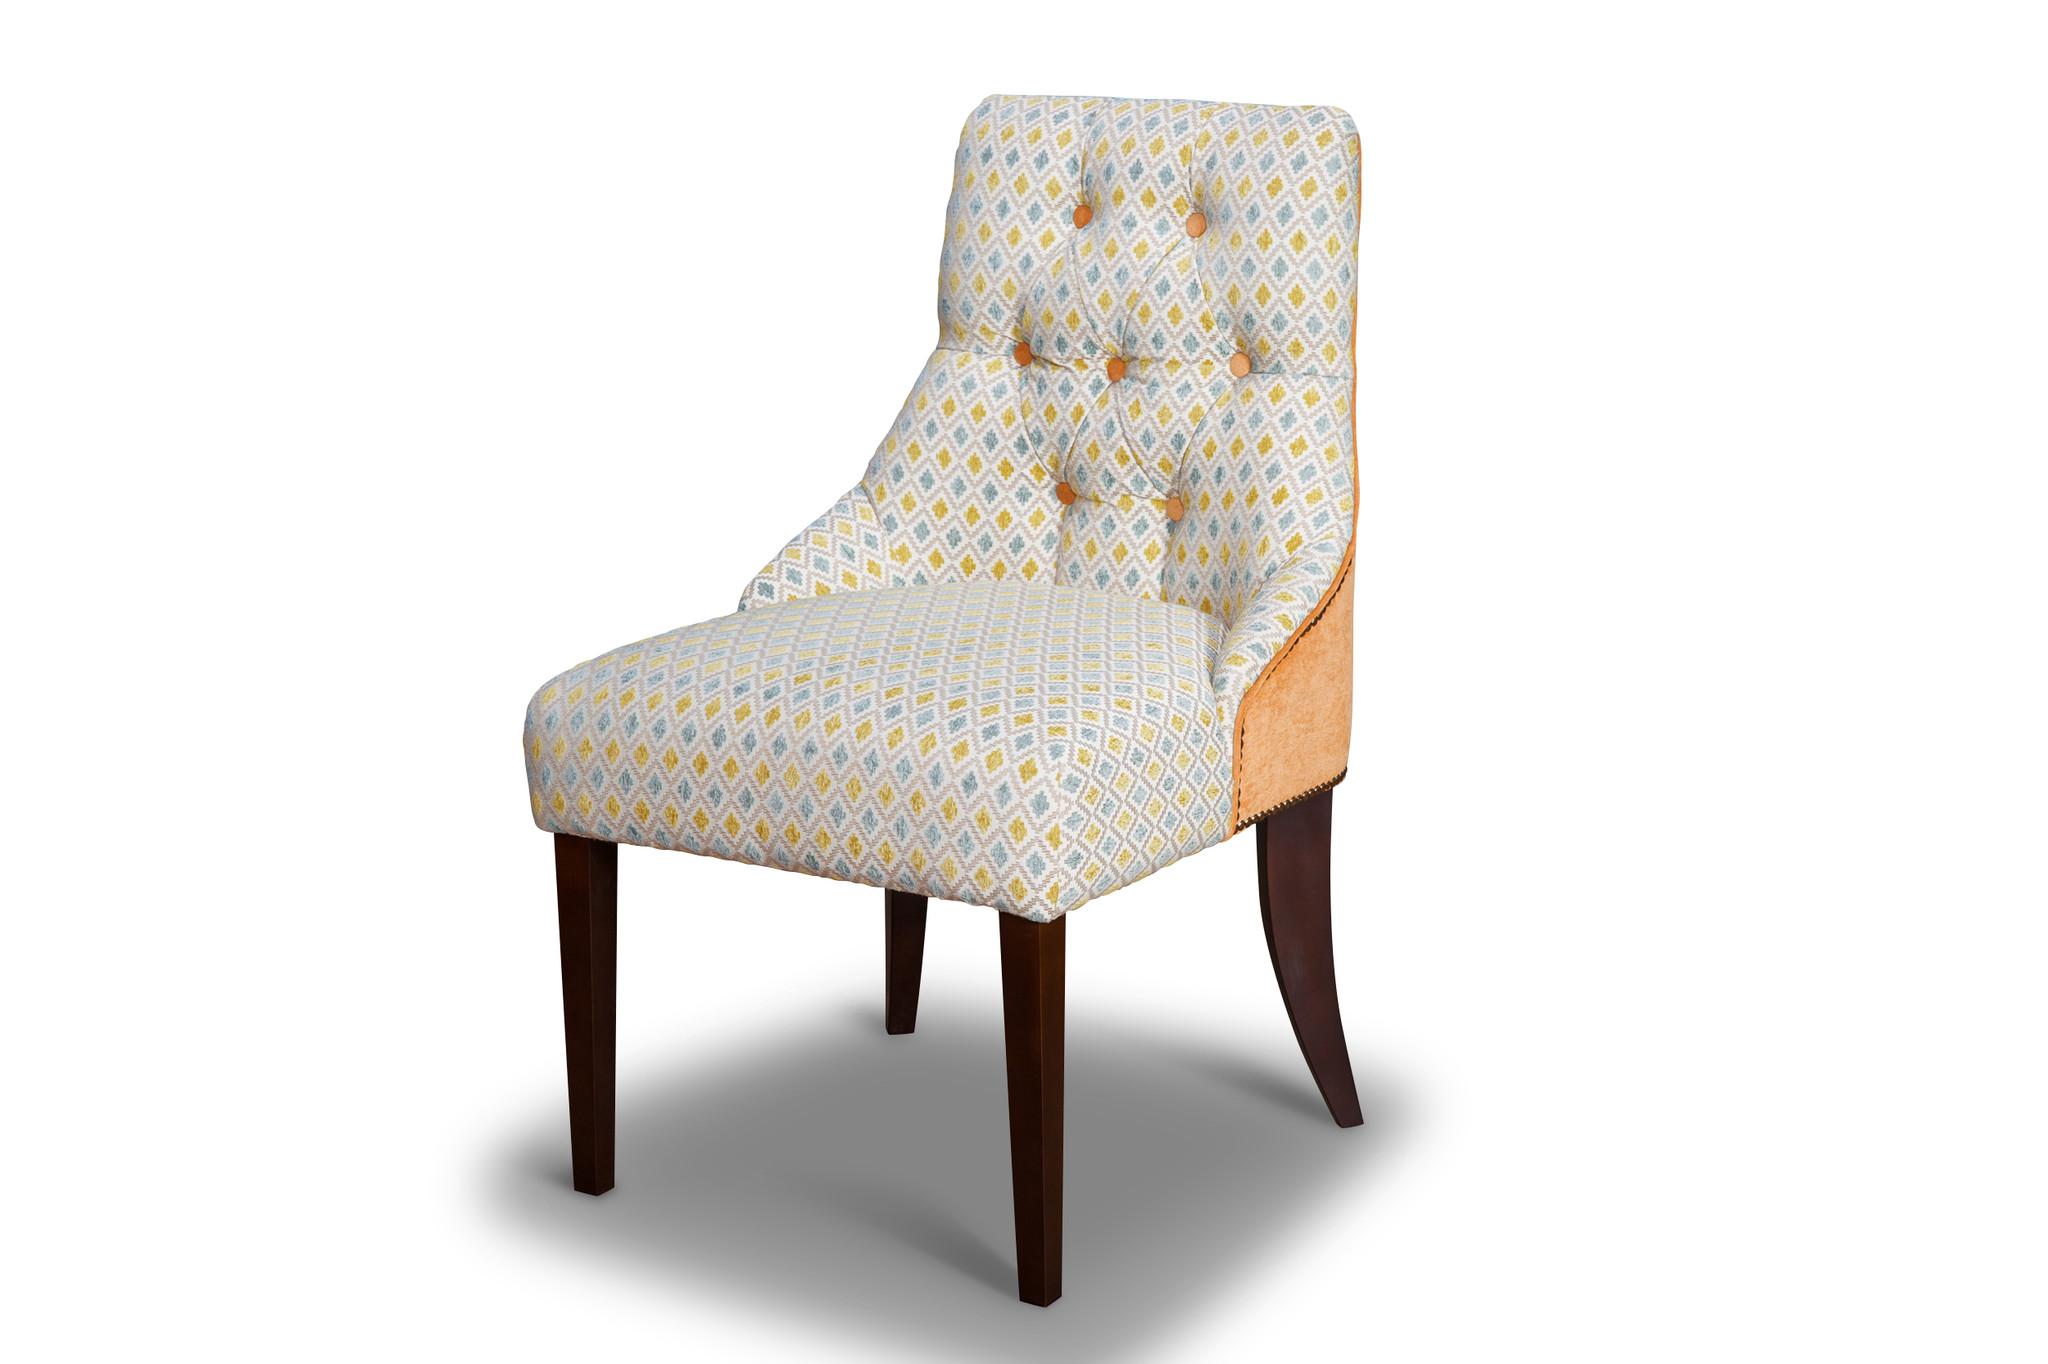 Стул МессиноОбеденные стулья<br>&amp;lt;div&amp;gt;Классический стул без подлокотников декорирован стежкой капитоне по внутренней части изогнутой спинки и гвоздевым декором по всему внешнему периметру.&amp;amp;nbsp;&amp;lt;/div&amp;gt;&amp;lt;div&amp;gt;&amp;lt;br&amp;gt;&amp;lt;/div&amp;gt;&amp;lt;div&amp;gt;Материал обивки: мягкая эластичная ткань или экокожа.&amp;amp;nbsp;&amp;lt;/div&amp;gt;&amp;lt;div&amp;gt;Наполнение: композиционный микс из резинотканных ремней, пенополиуретана и различной эластичности в термовлагозащитном чехле из материала &amp;quot;Hollgone&amp;quot;.&amp;lt;/div&amp;gt;&amp;lt;div&amp;gt;Материал каркаса: брус, фанера.&amp;amp;nbsp;&amp;lt;/div&amp;gt;&amp;lt;div&amp;gt;Особенность модели: спинка создана с плавным переходом в боковой уровень, что прекрасно заменяет подлокотники. Опция: выбор цвета гвоздевого декора: старое золото или никель в момент оформления заказа.&amp;amp;nbsp;&amp;lt;/div&amp;gt;&amp;lt;div&amp;gt;Опция: замена пуговиц стежки на стразы.&amp;amp;nbsp;&amp;lt;/div&amp;gt;&amp;lt;div&amp;gt;Изделие можно заказать в любой ткани: стоимость и срок изготовления уточняйте у менеджера.&amp;lt;/div&amp;gt;<br><br>Material: Текстиль<br>Width см: 63<br>Depth см: 56<br>Height см: 95